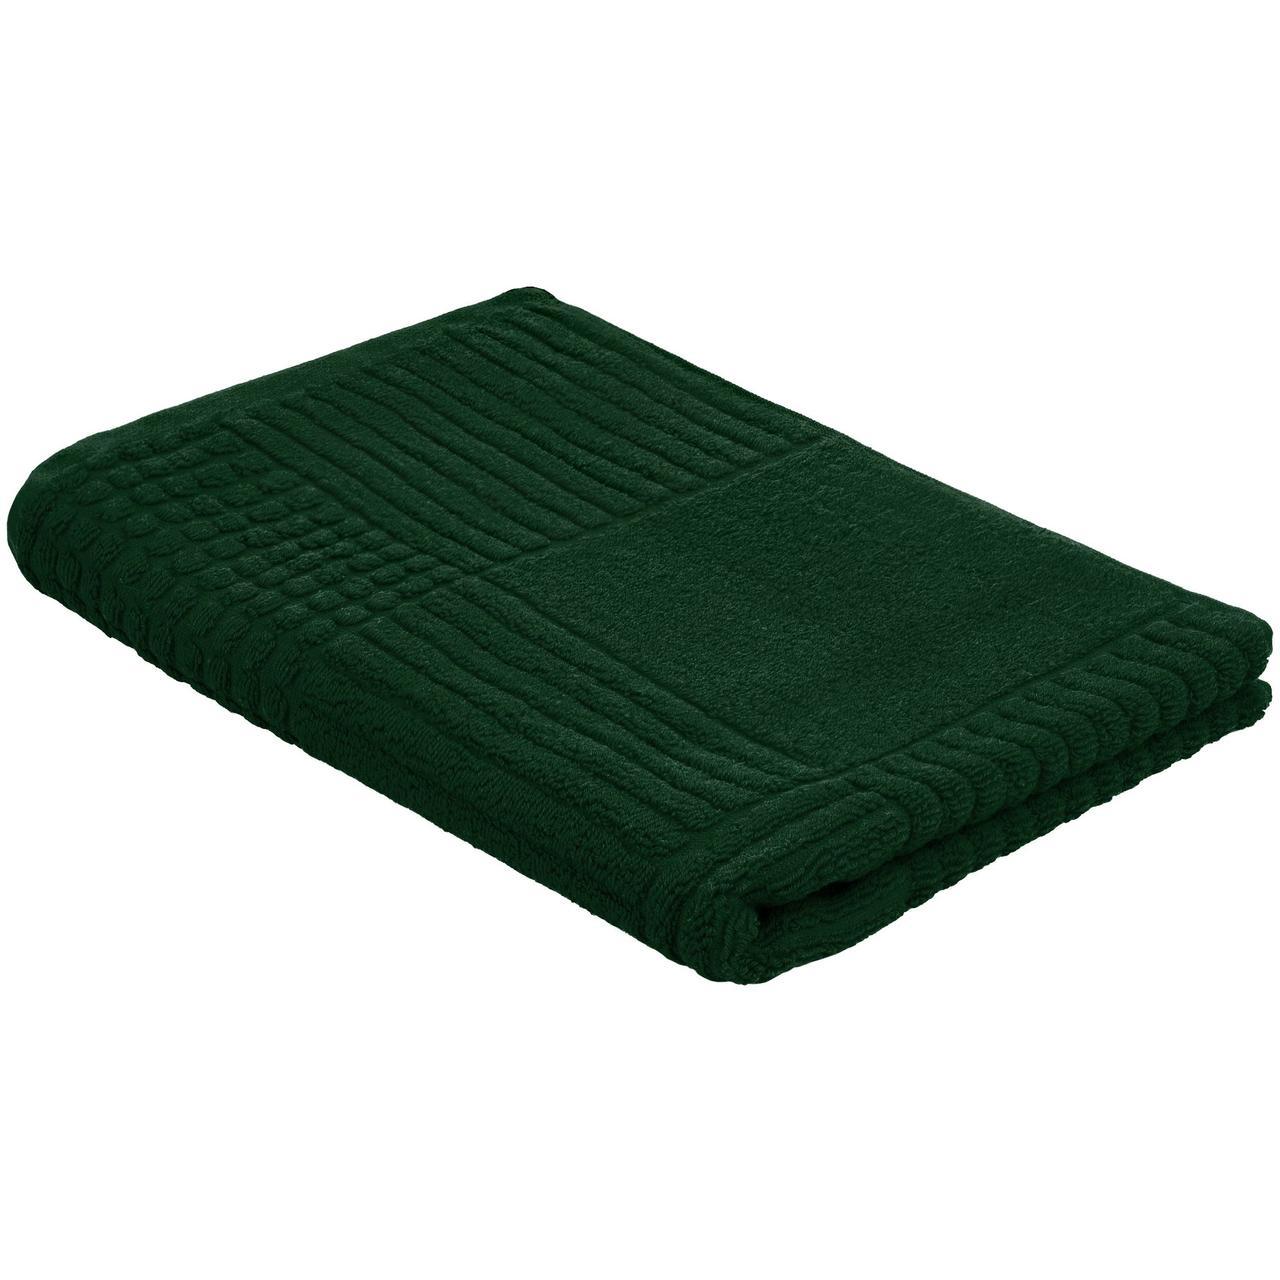 Полотенце Farbe, среднее, зеленое (артикул 20007.90)